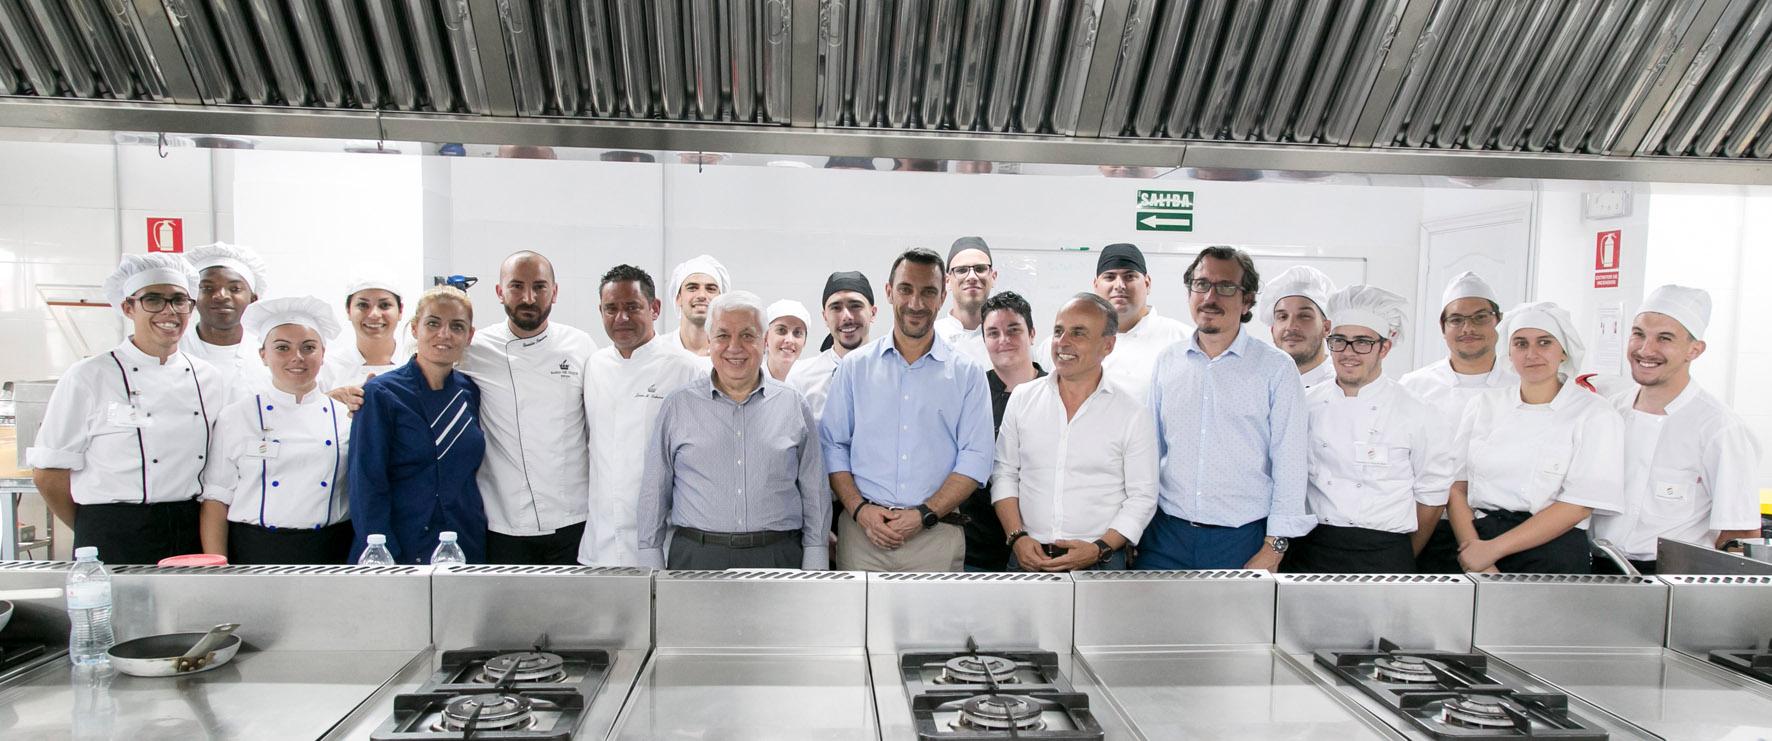 FOTO 3.- COCINEROS FOCA